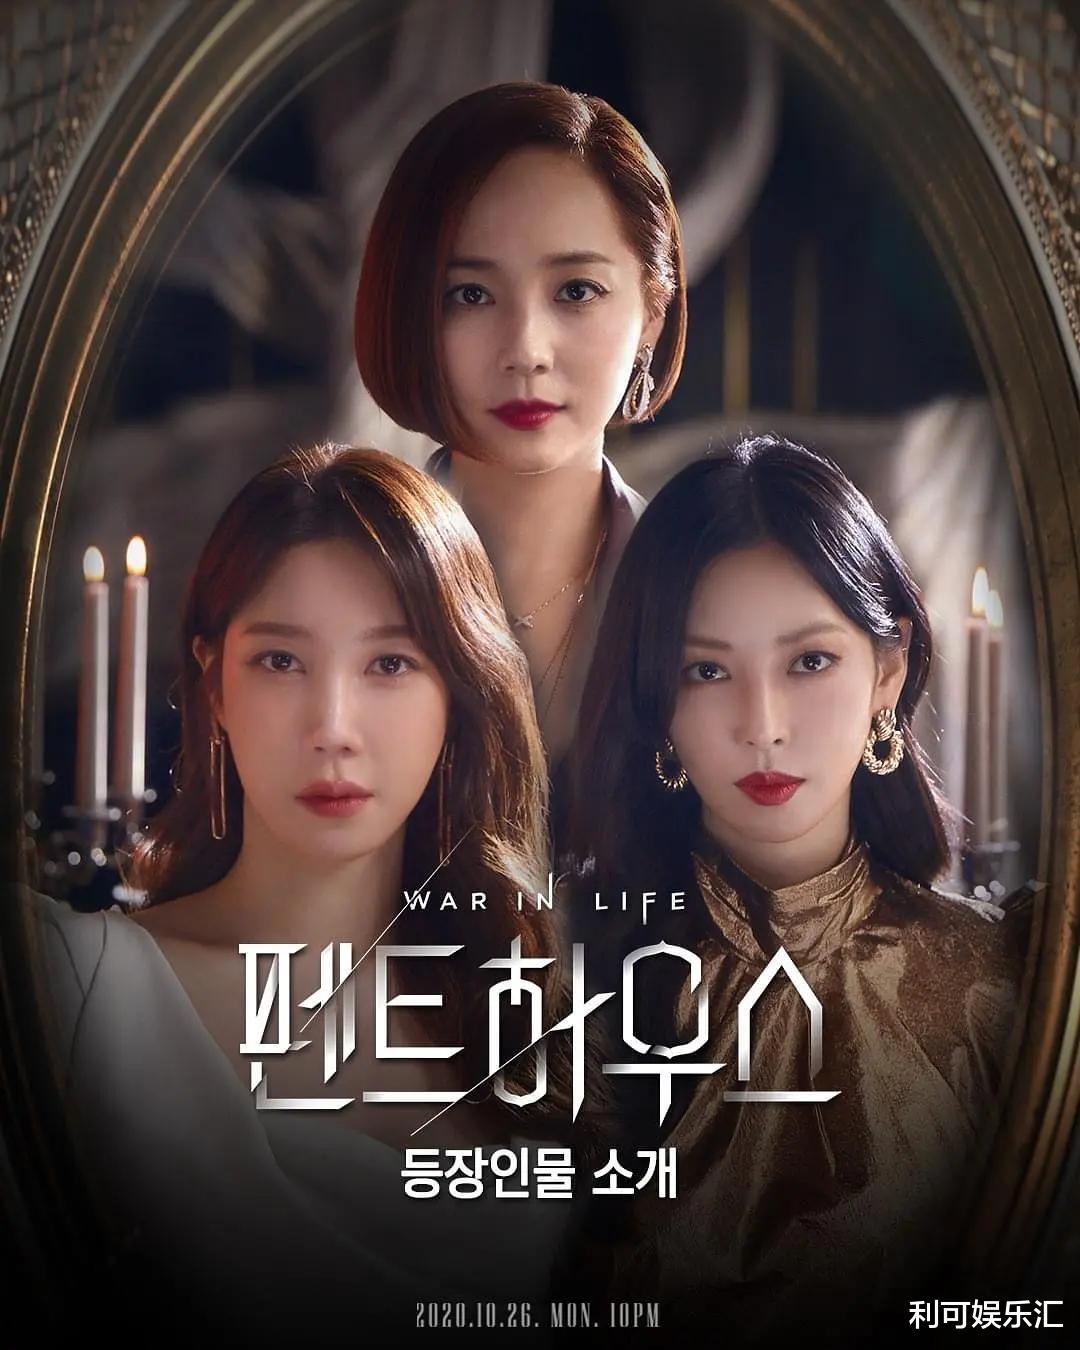 The Penthouse 3 – Phim Hàn Quốc mới nhất 2021 Cuộc Chiến Thượng Lưu 3